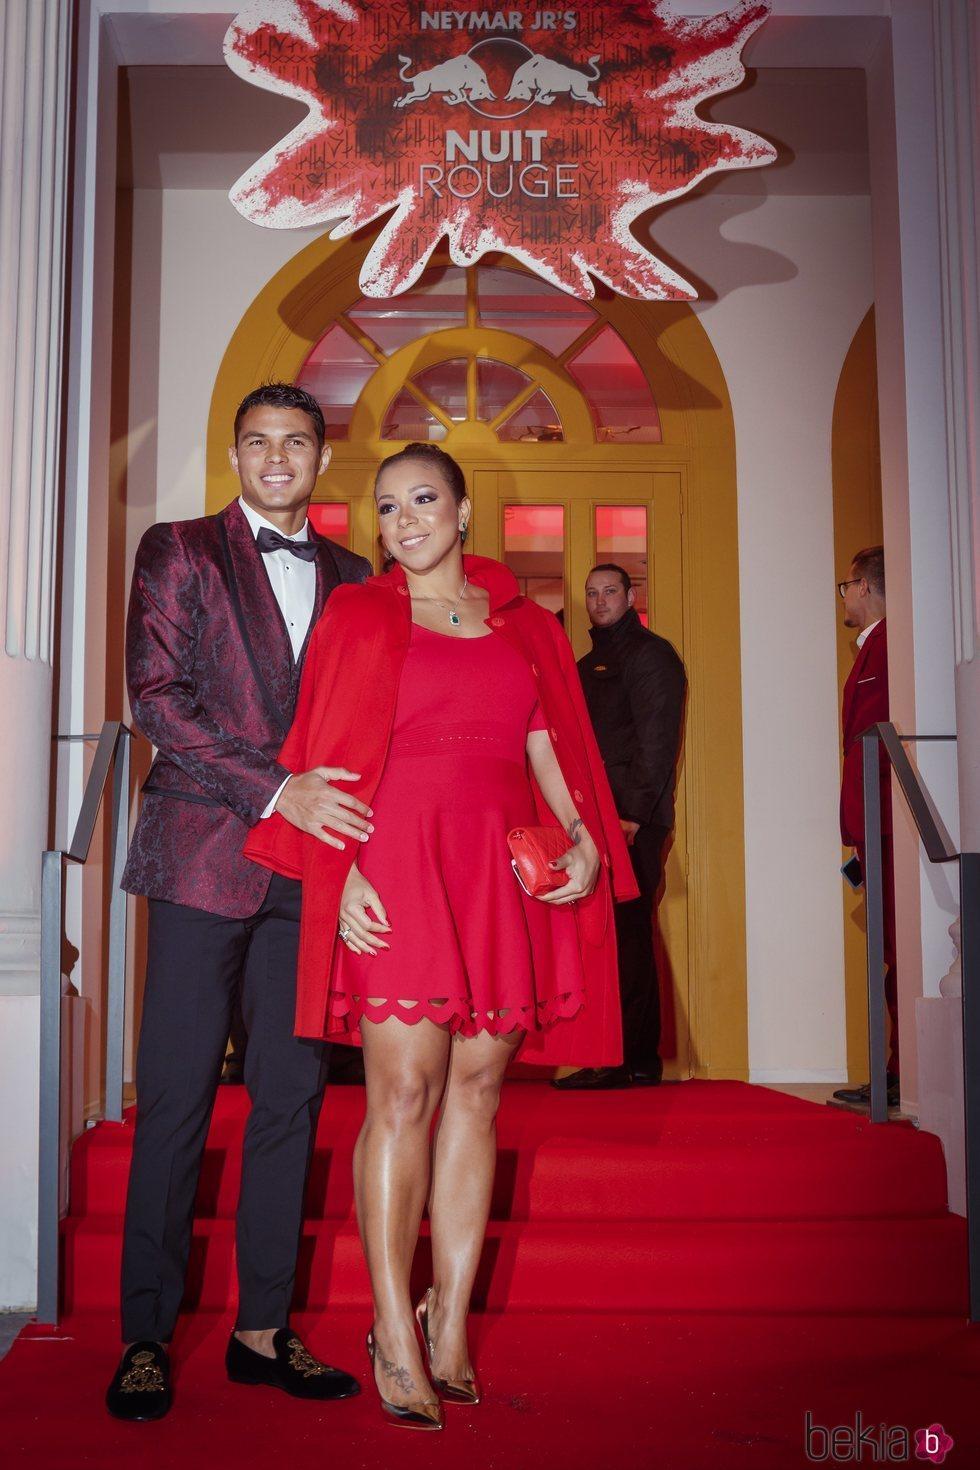 Thiago Silva e Isabele da Silva en la fiesta de cumpleaños de Neymar